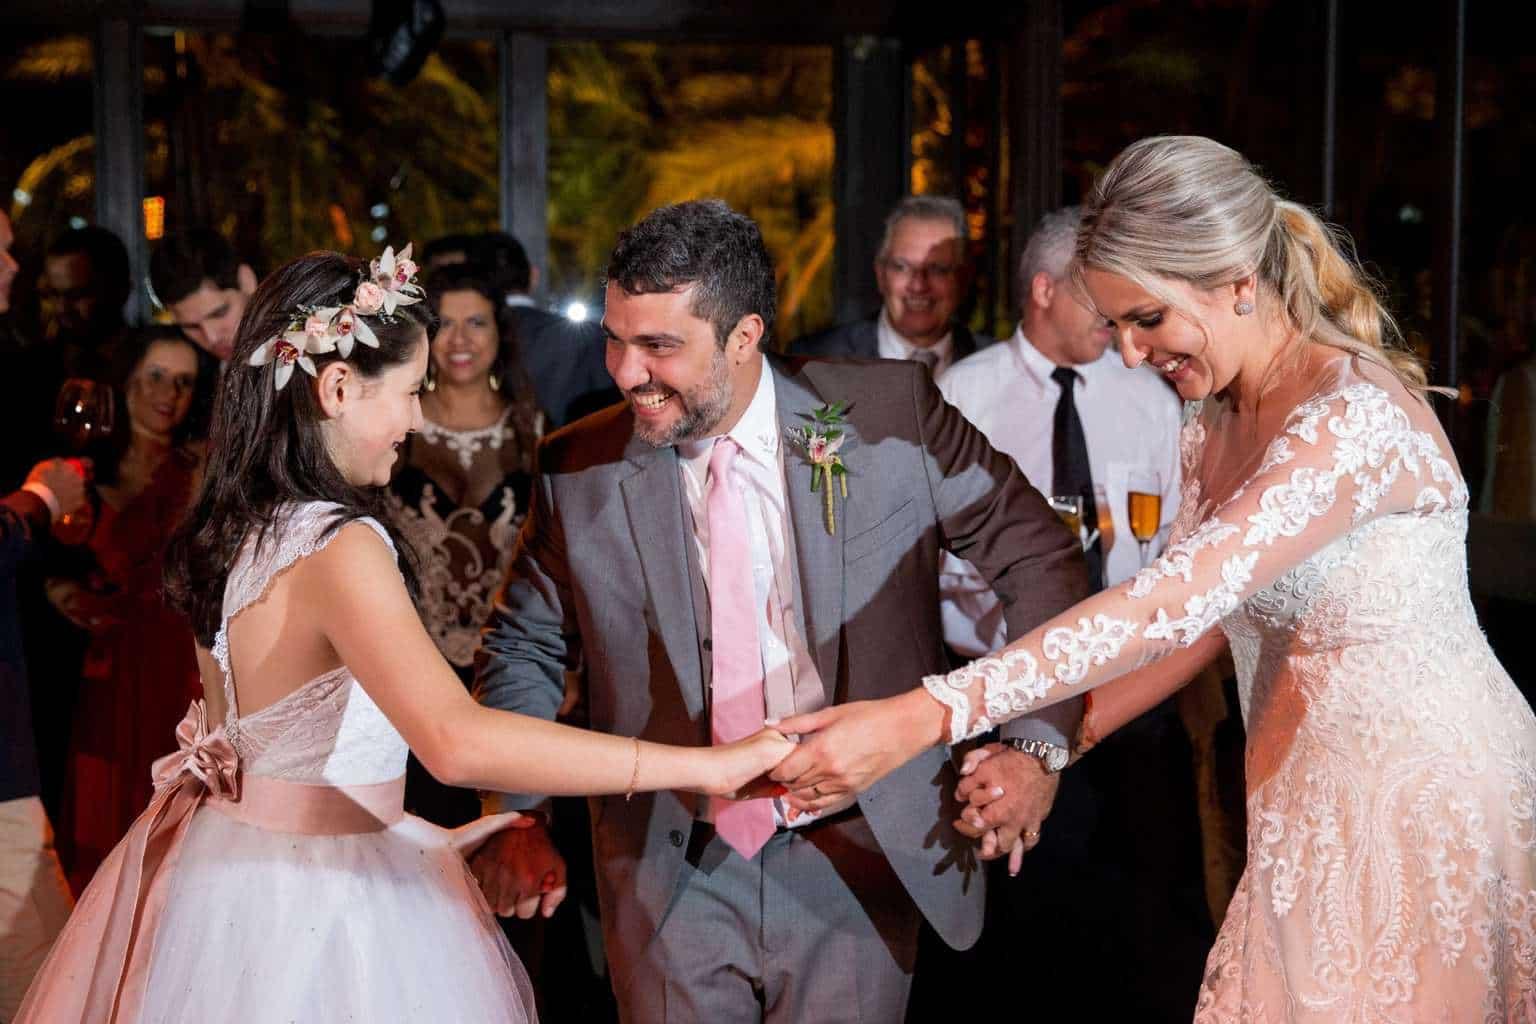 Andrea-Kapps-casamento-de-dia-casamento-na-serra-casamento-romântico-casamento-tradicional-festa-Locanda-de-La-Mimosa-rosa-e-lilás-casamento-46